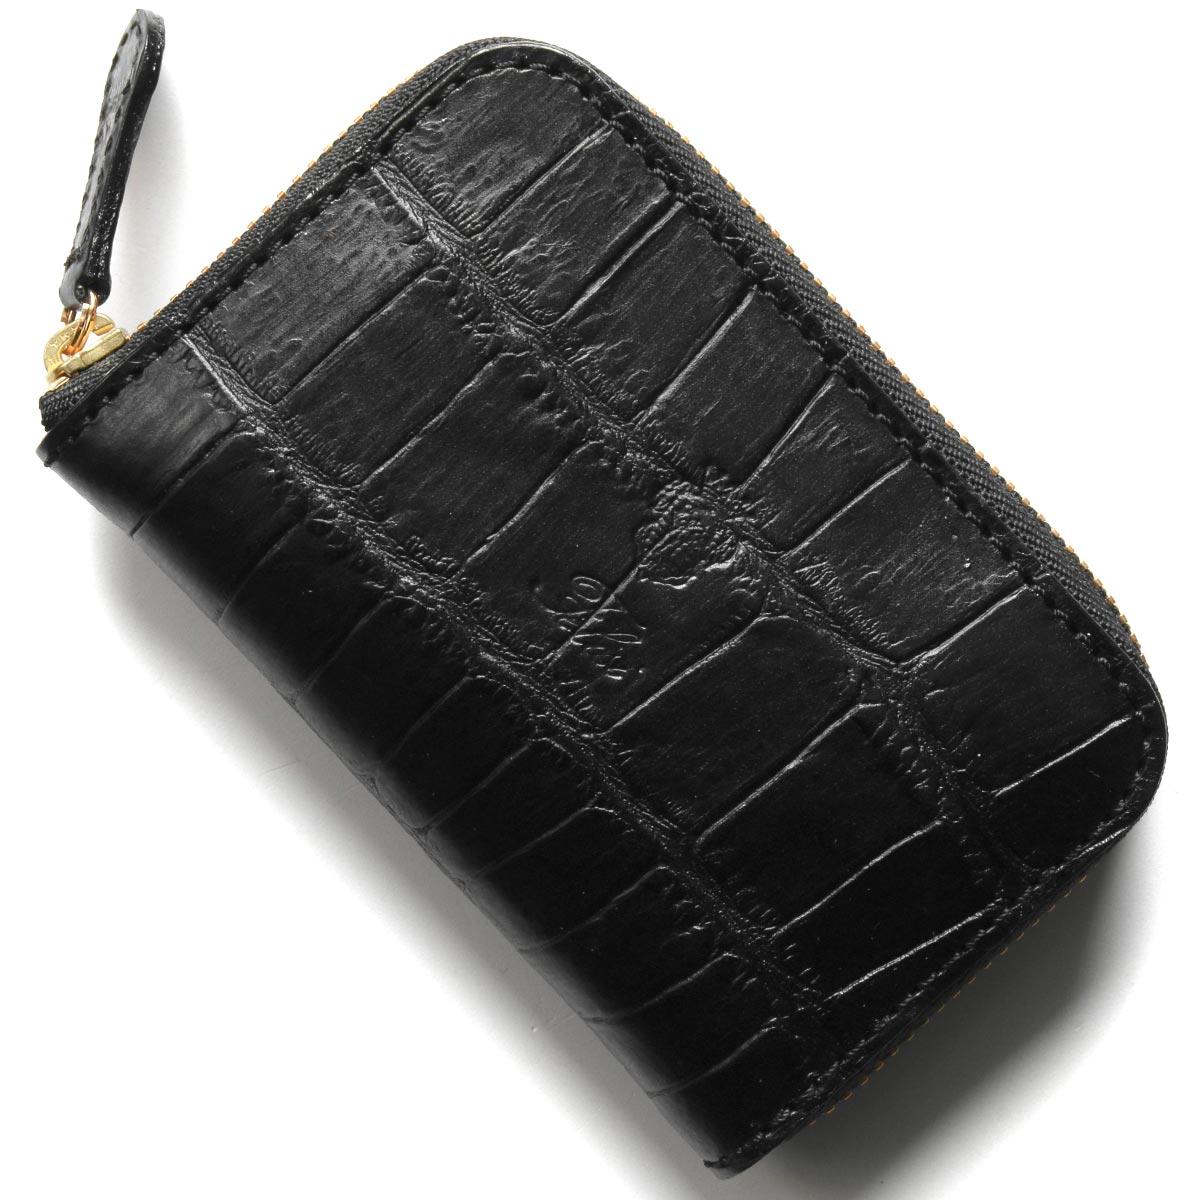 フェリージ コインケース【小銭入れ】 財布 メンズ クロコ型押し ブラック 905 SA 0003 FELISI